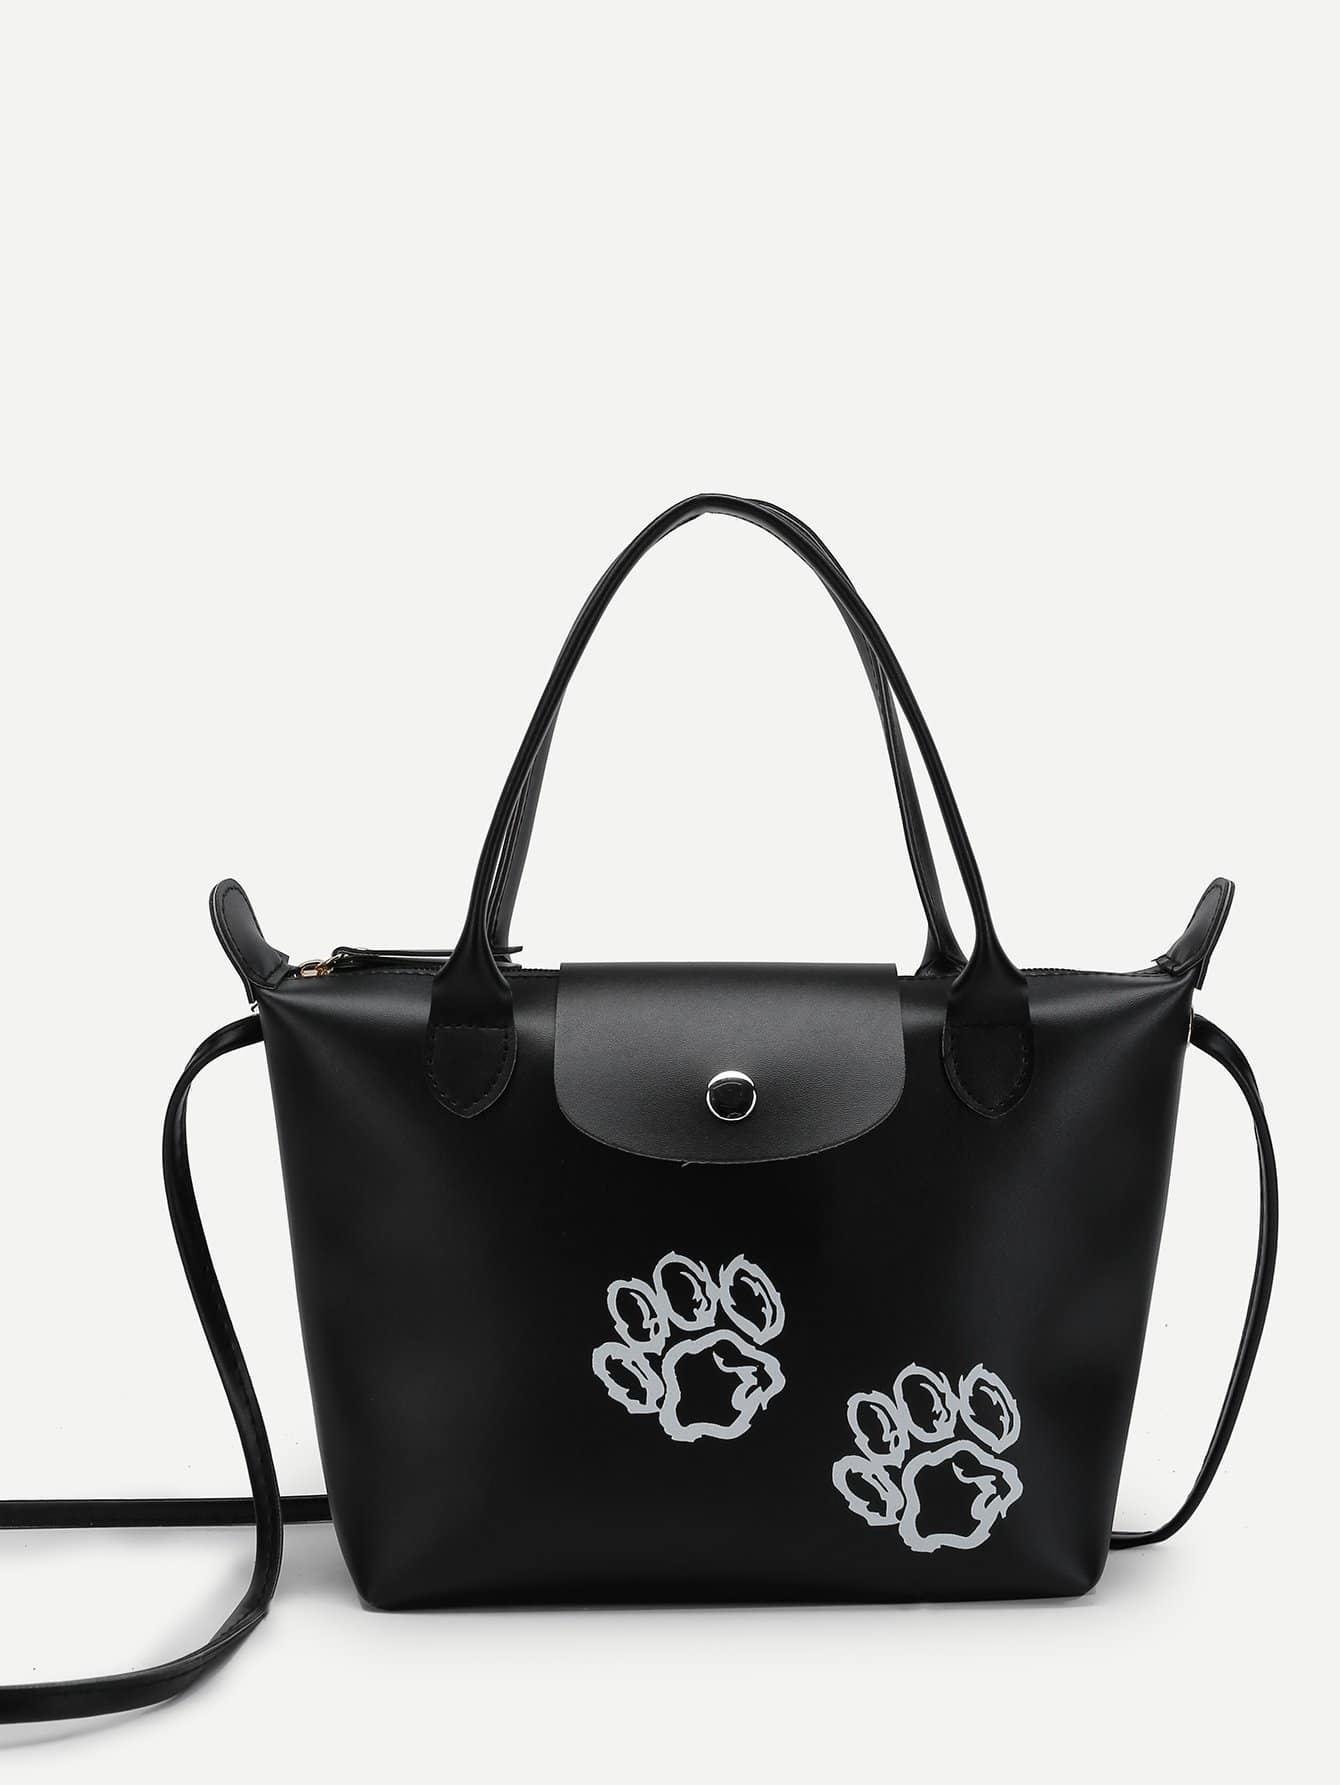 Paws Print Tote Bag 2pcs heel print tote bag